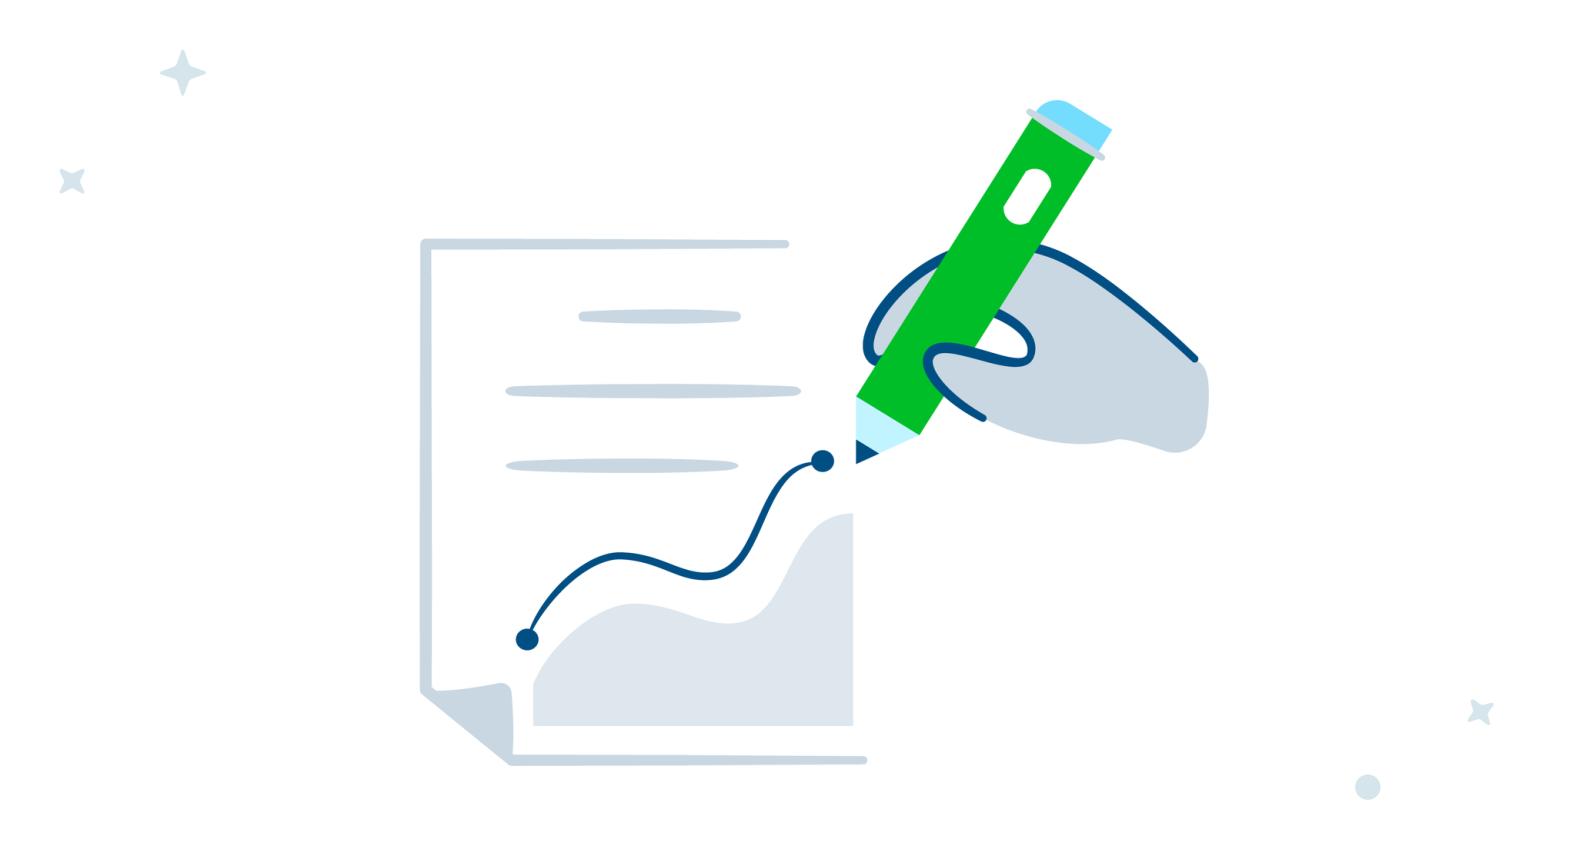 Gewinne neue Kunden und verbessere deine SEO mit einem hochwertigen Blog